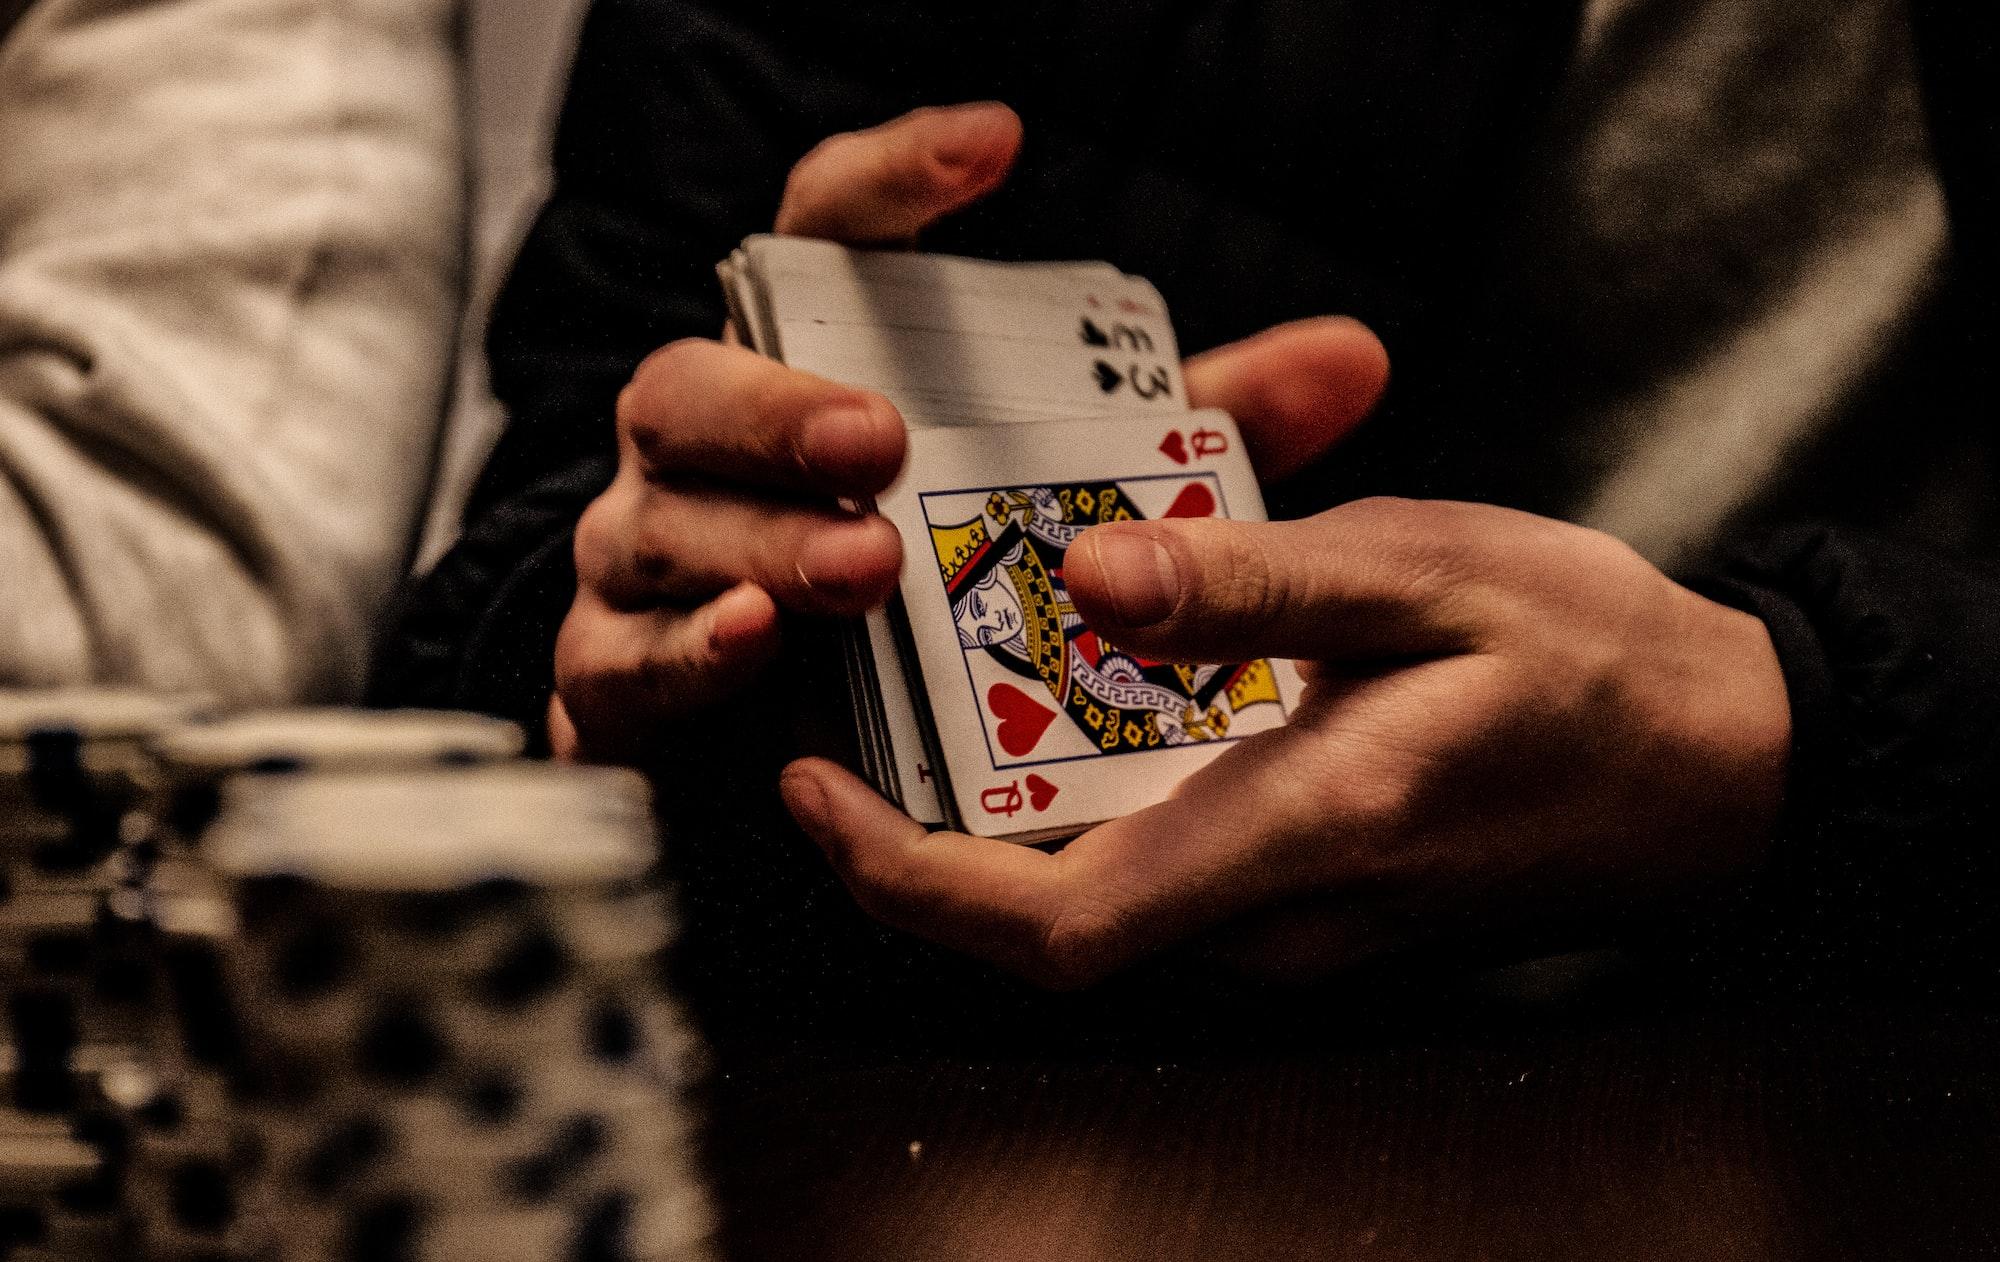 Estrazioni Lotto, Superenalotto e 10eLotto 02/09/21: i numeri vincenti